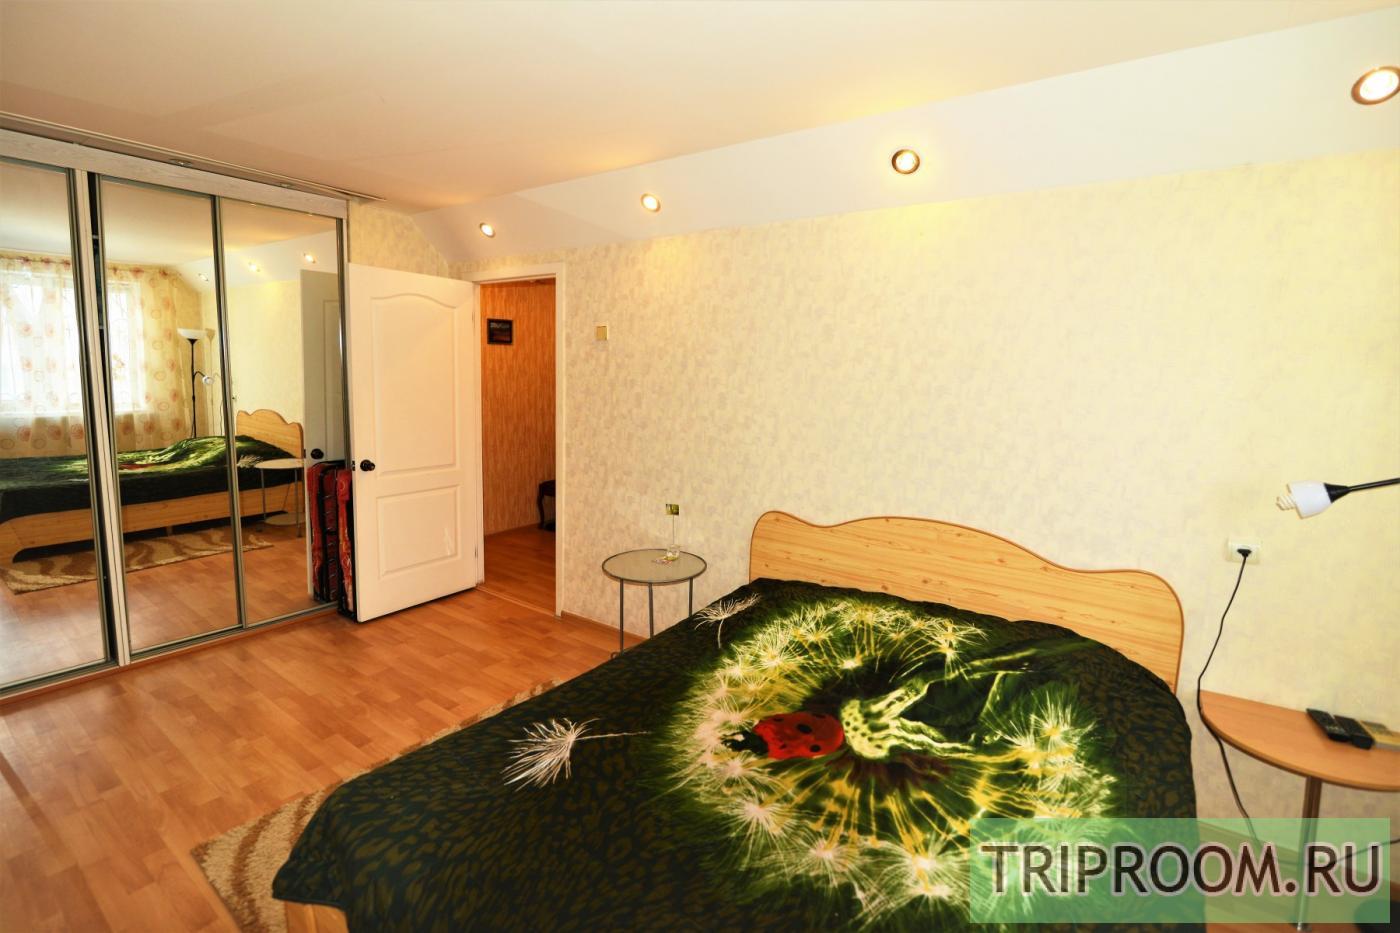 1-комнатная квартира посуточно (вариант № 2140), ул. Фридриха Энгельса улица, фото № 2